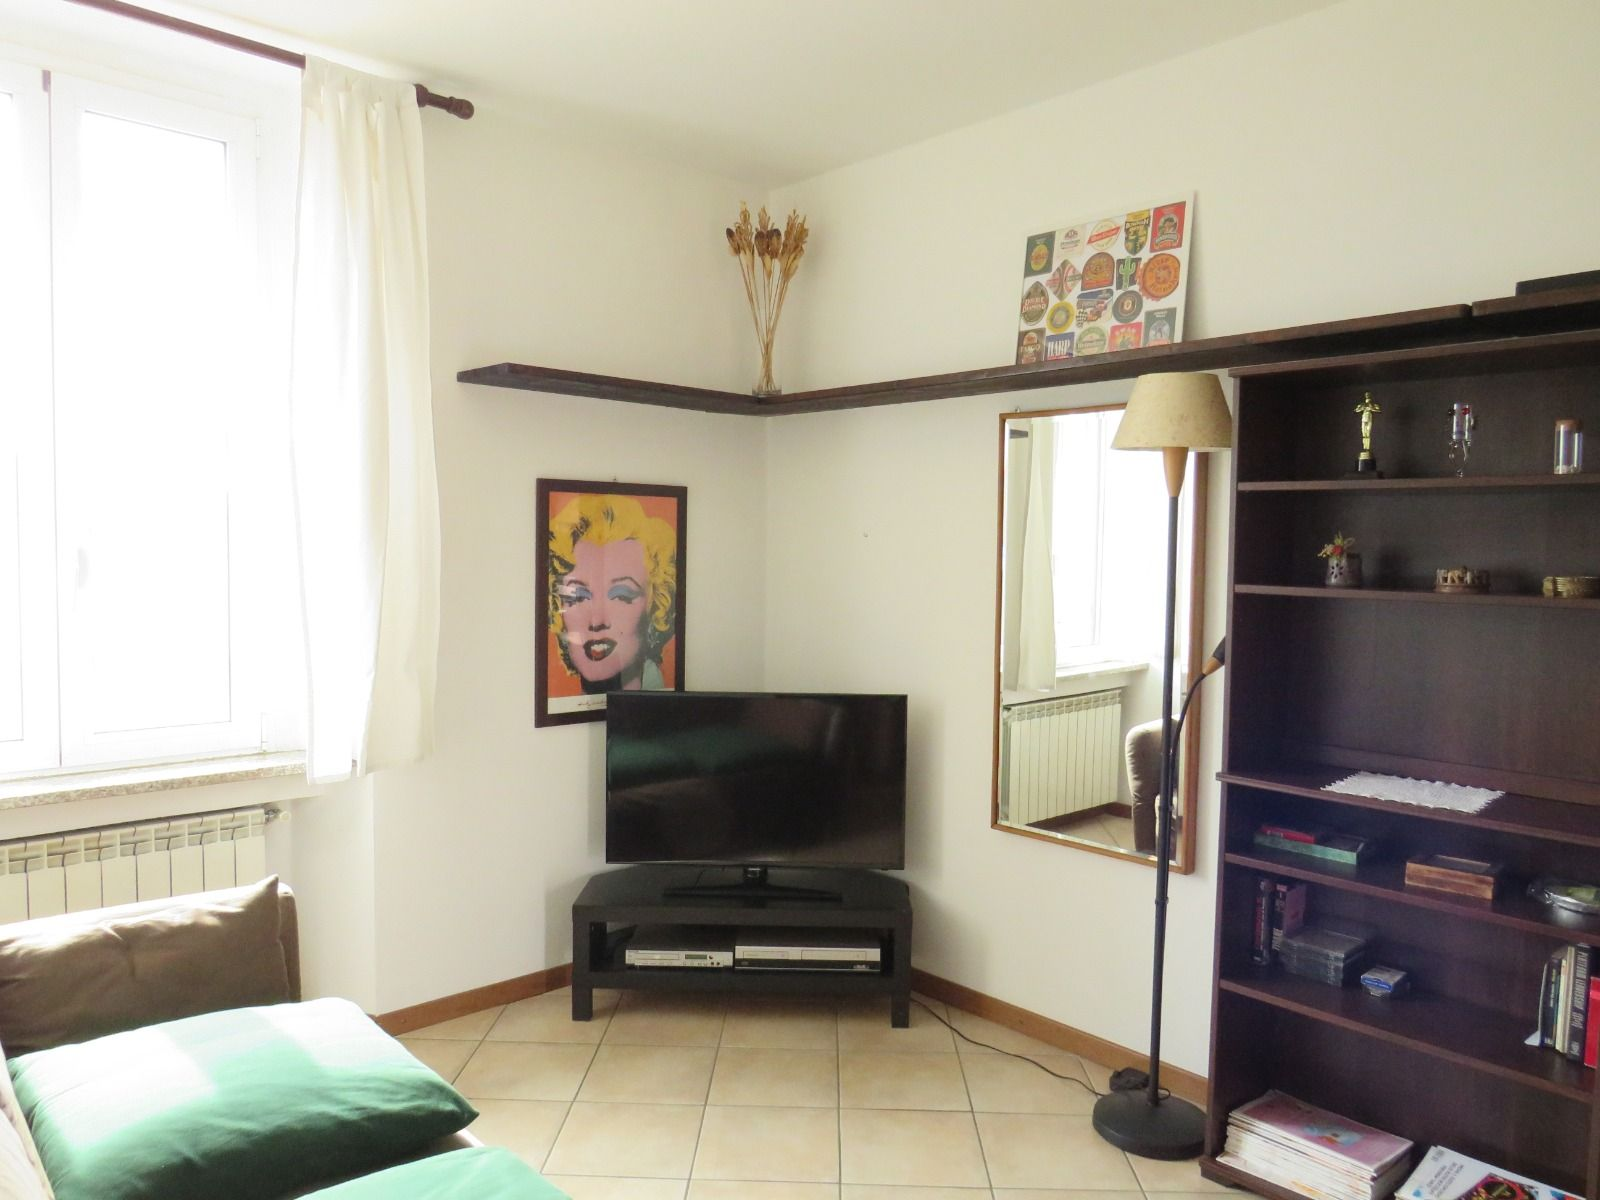 appartamento-in-vendita-a-rho-spaziourbano-immobiliare-vende-2-locali-bilocale-milano-fiera-8